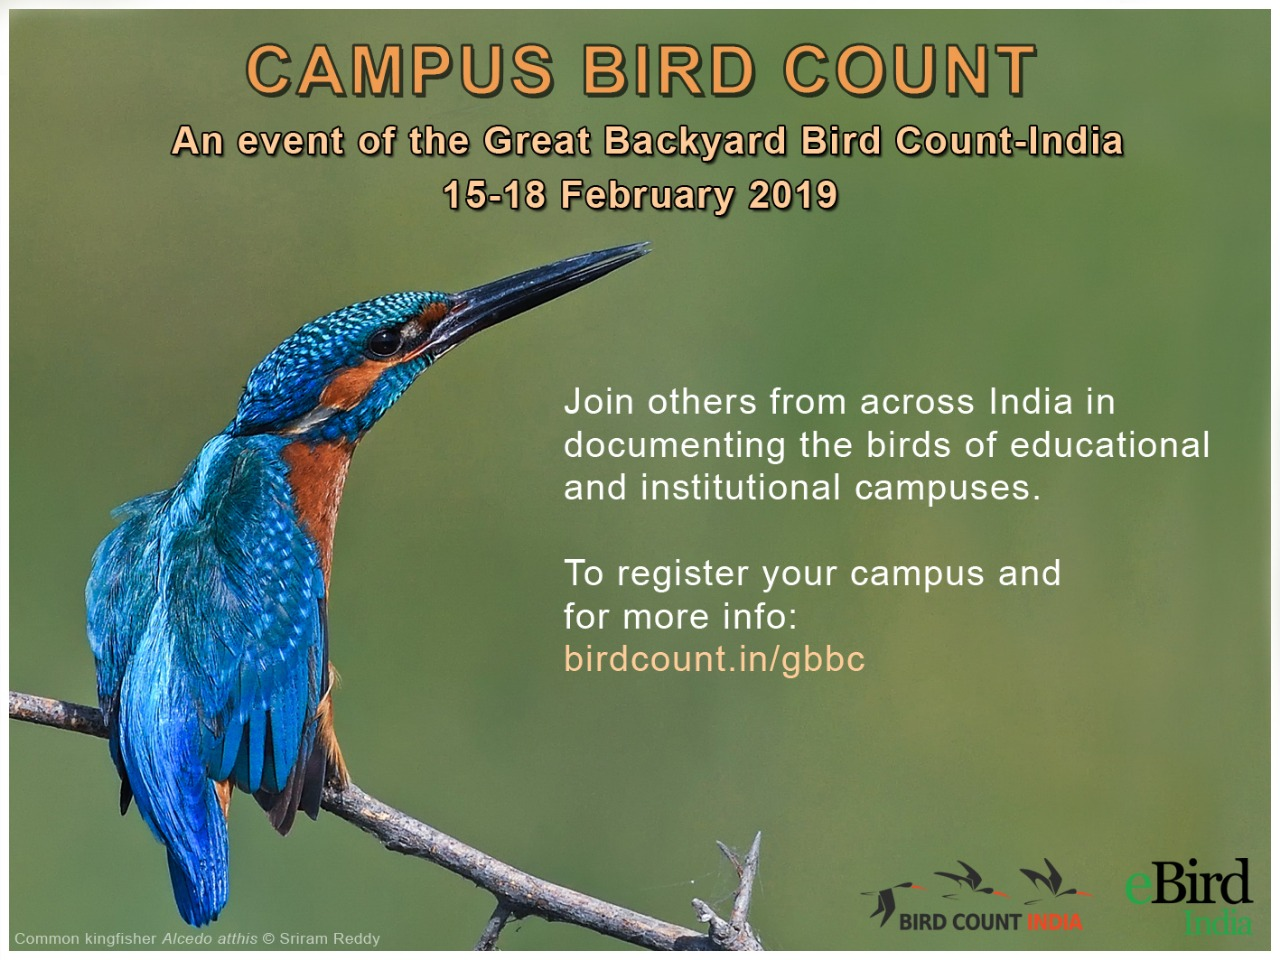 Campus Bird Count 2019 – Bird Count India